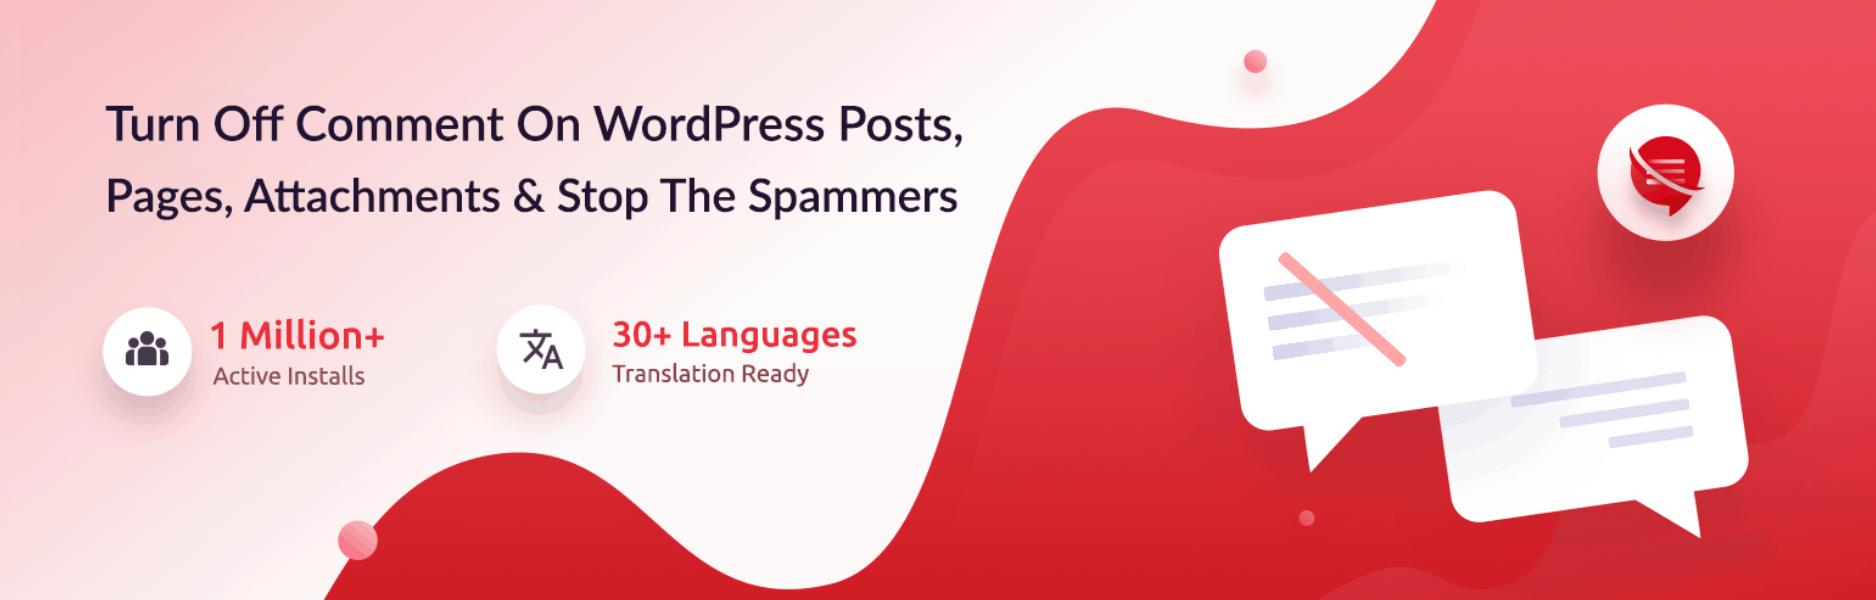 Cómo deshabilitar los comentarios en WordPress: una guía completa - 1630925603 493 Como deshabilitar los comentarios en WordPress una guia completa